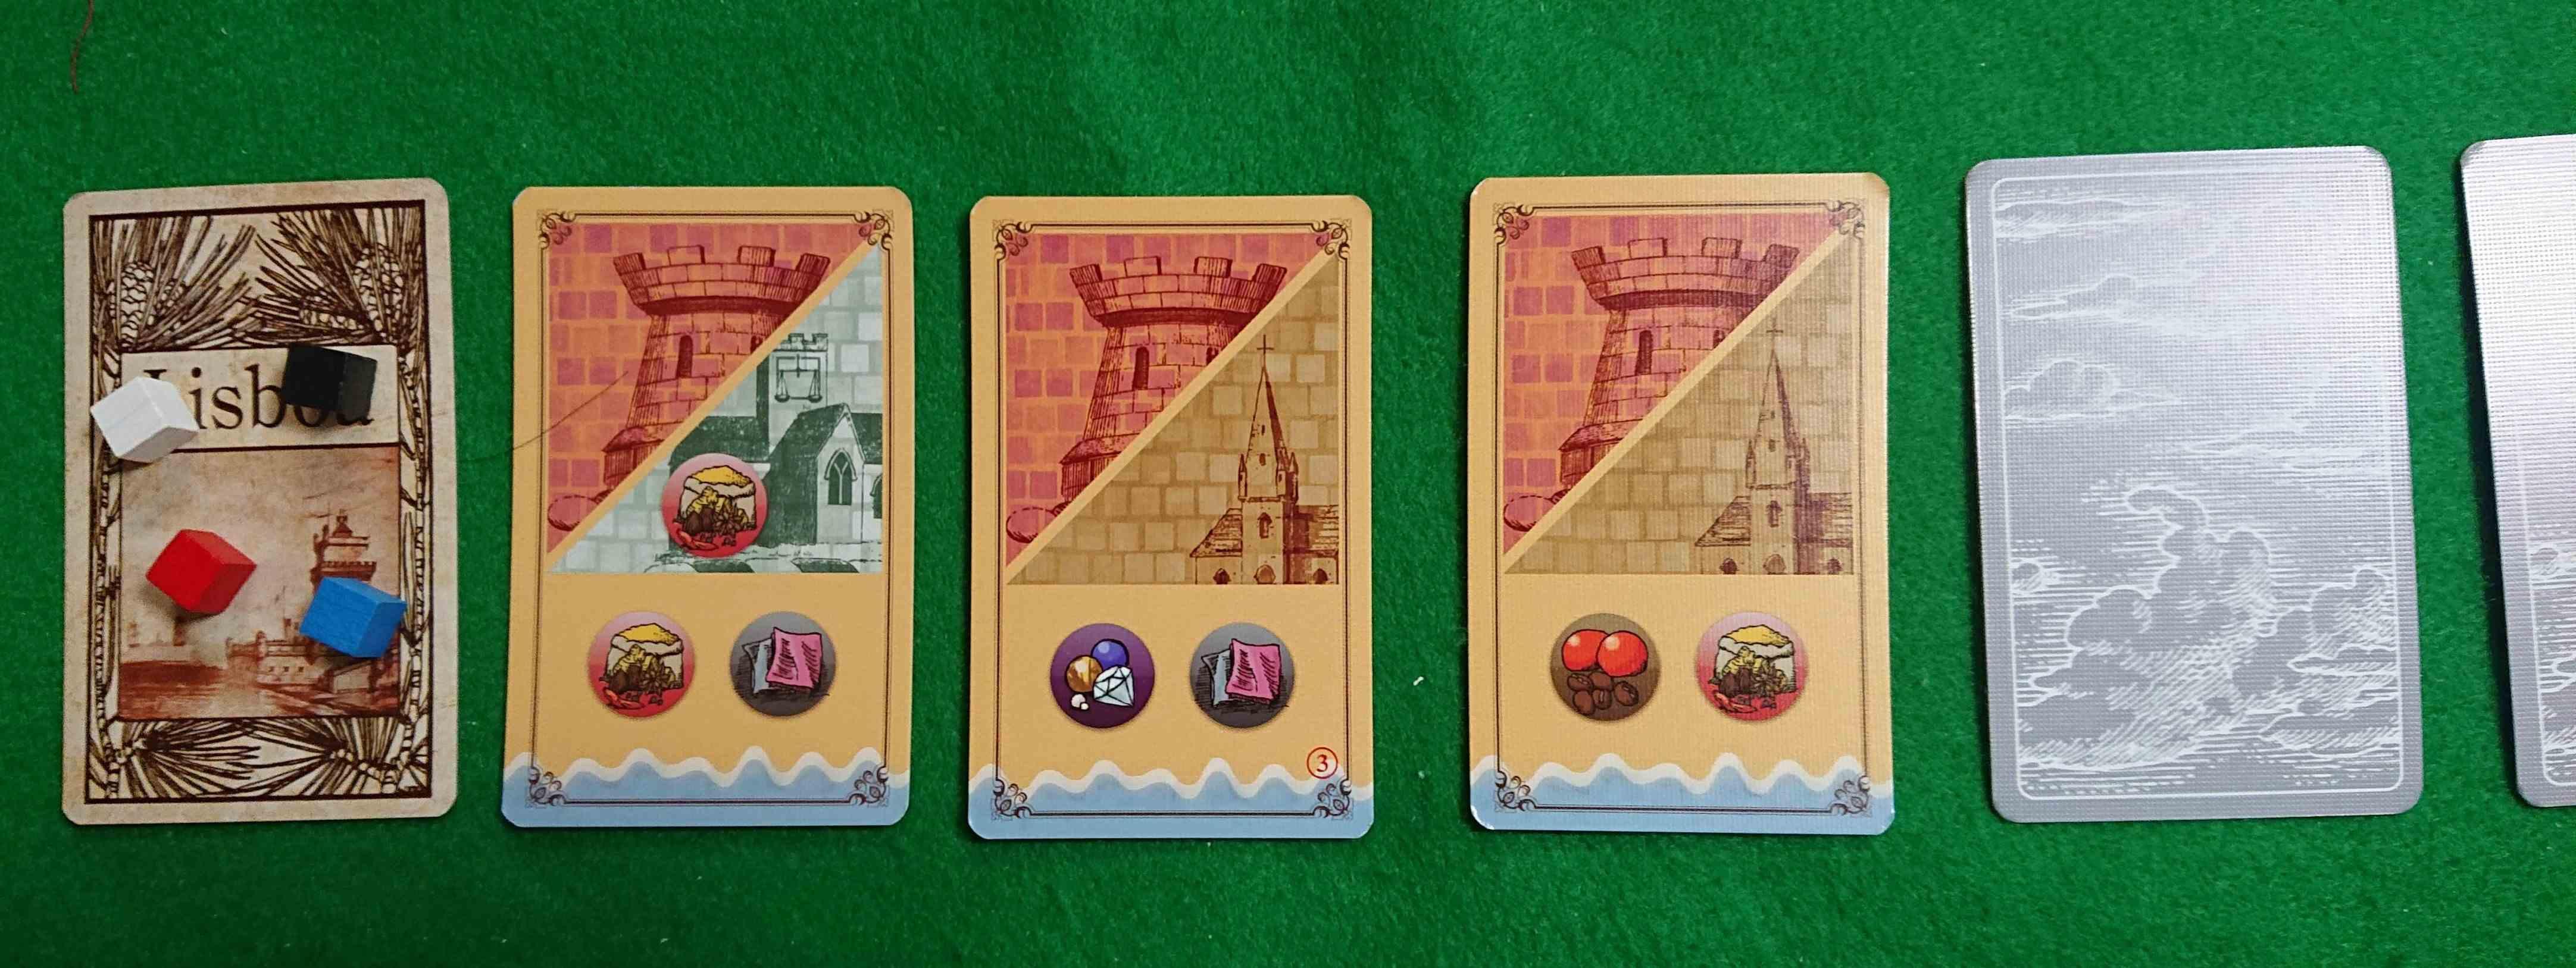 セイルトゥーインディア 最小コンポーネントでじっくり考えられる良質ボードゲーム! 大航海時代インドを目指せ!